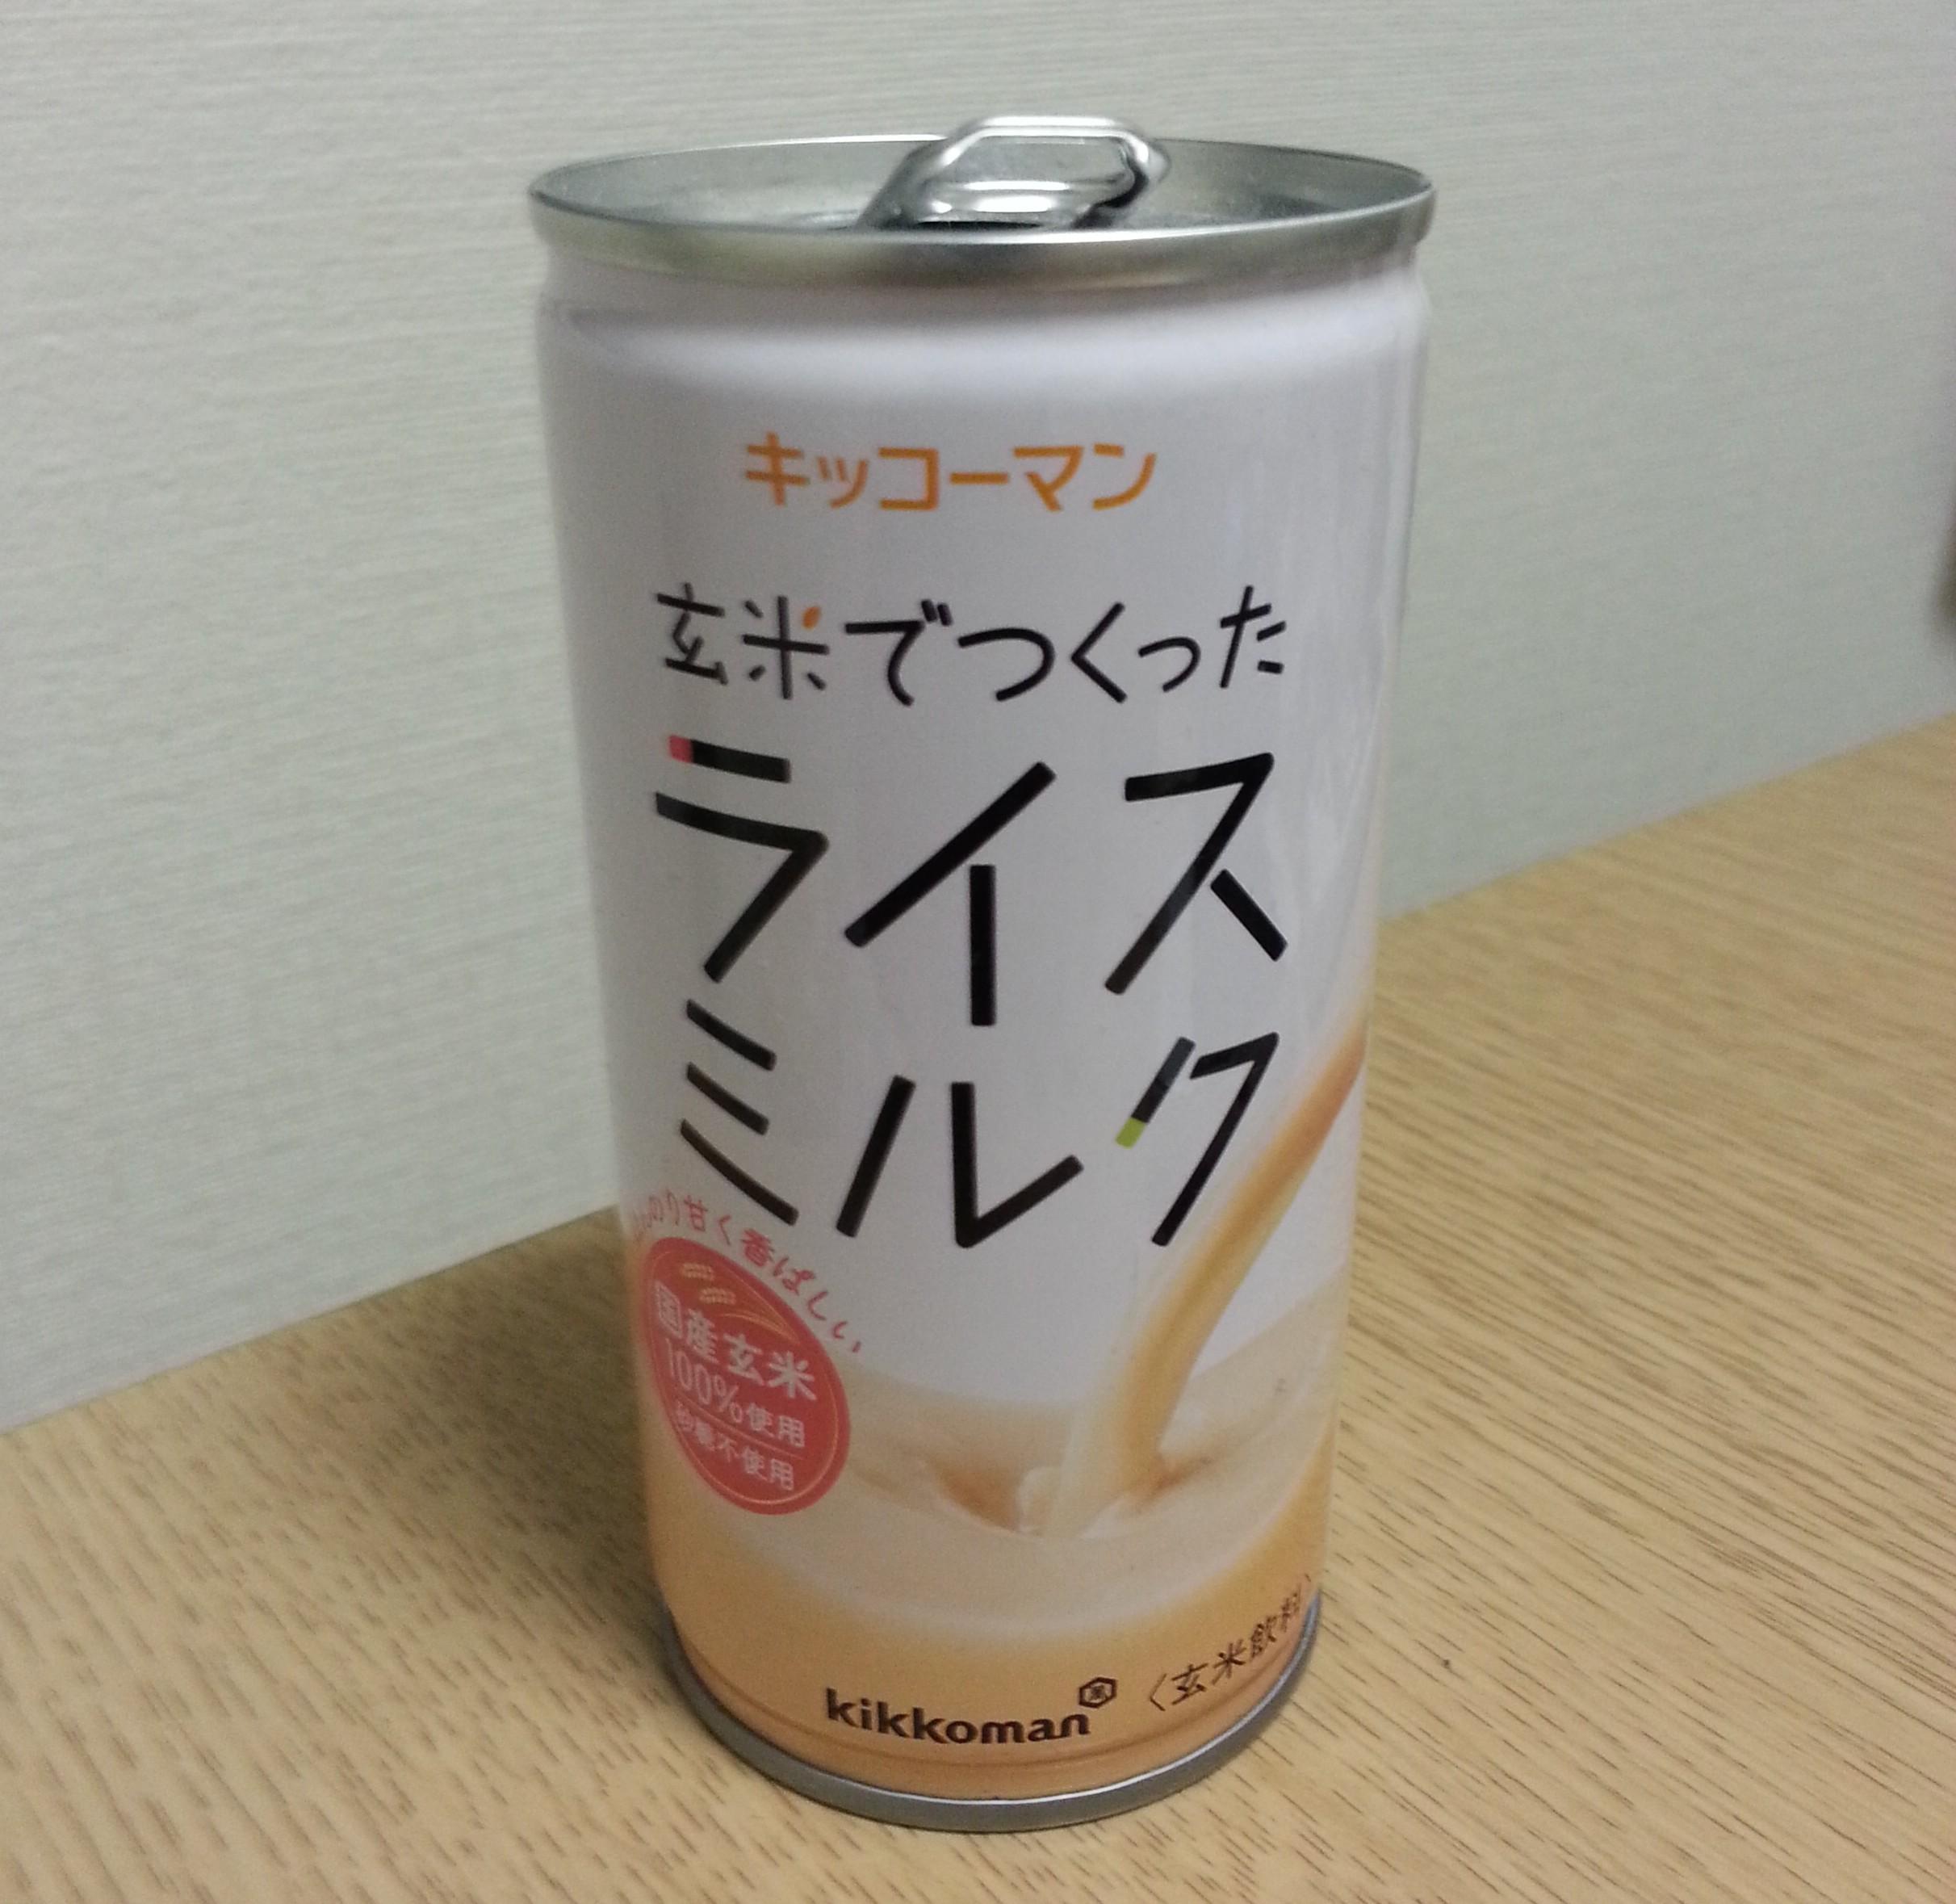 ricemilk-brownrice-kikkoman1